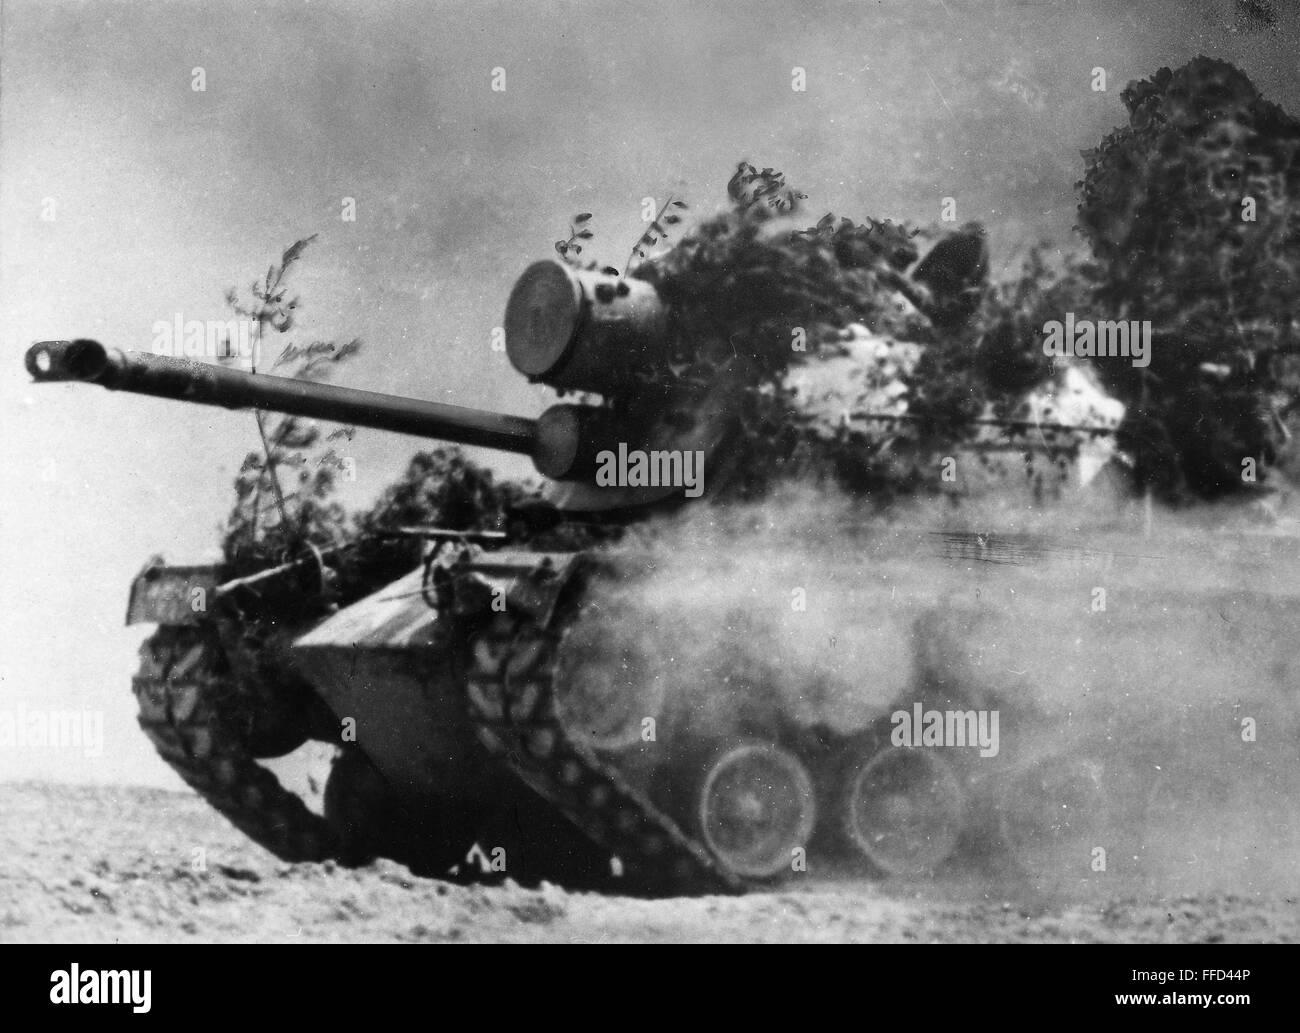 Vietnam War 1954-1975 Vietnam-war-tank-1967-na-partially-camouflaged-american-tank-in-action-FFD44P